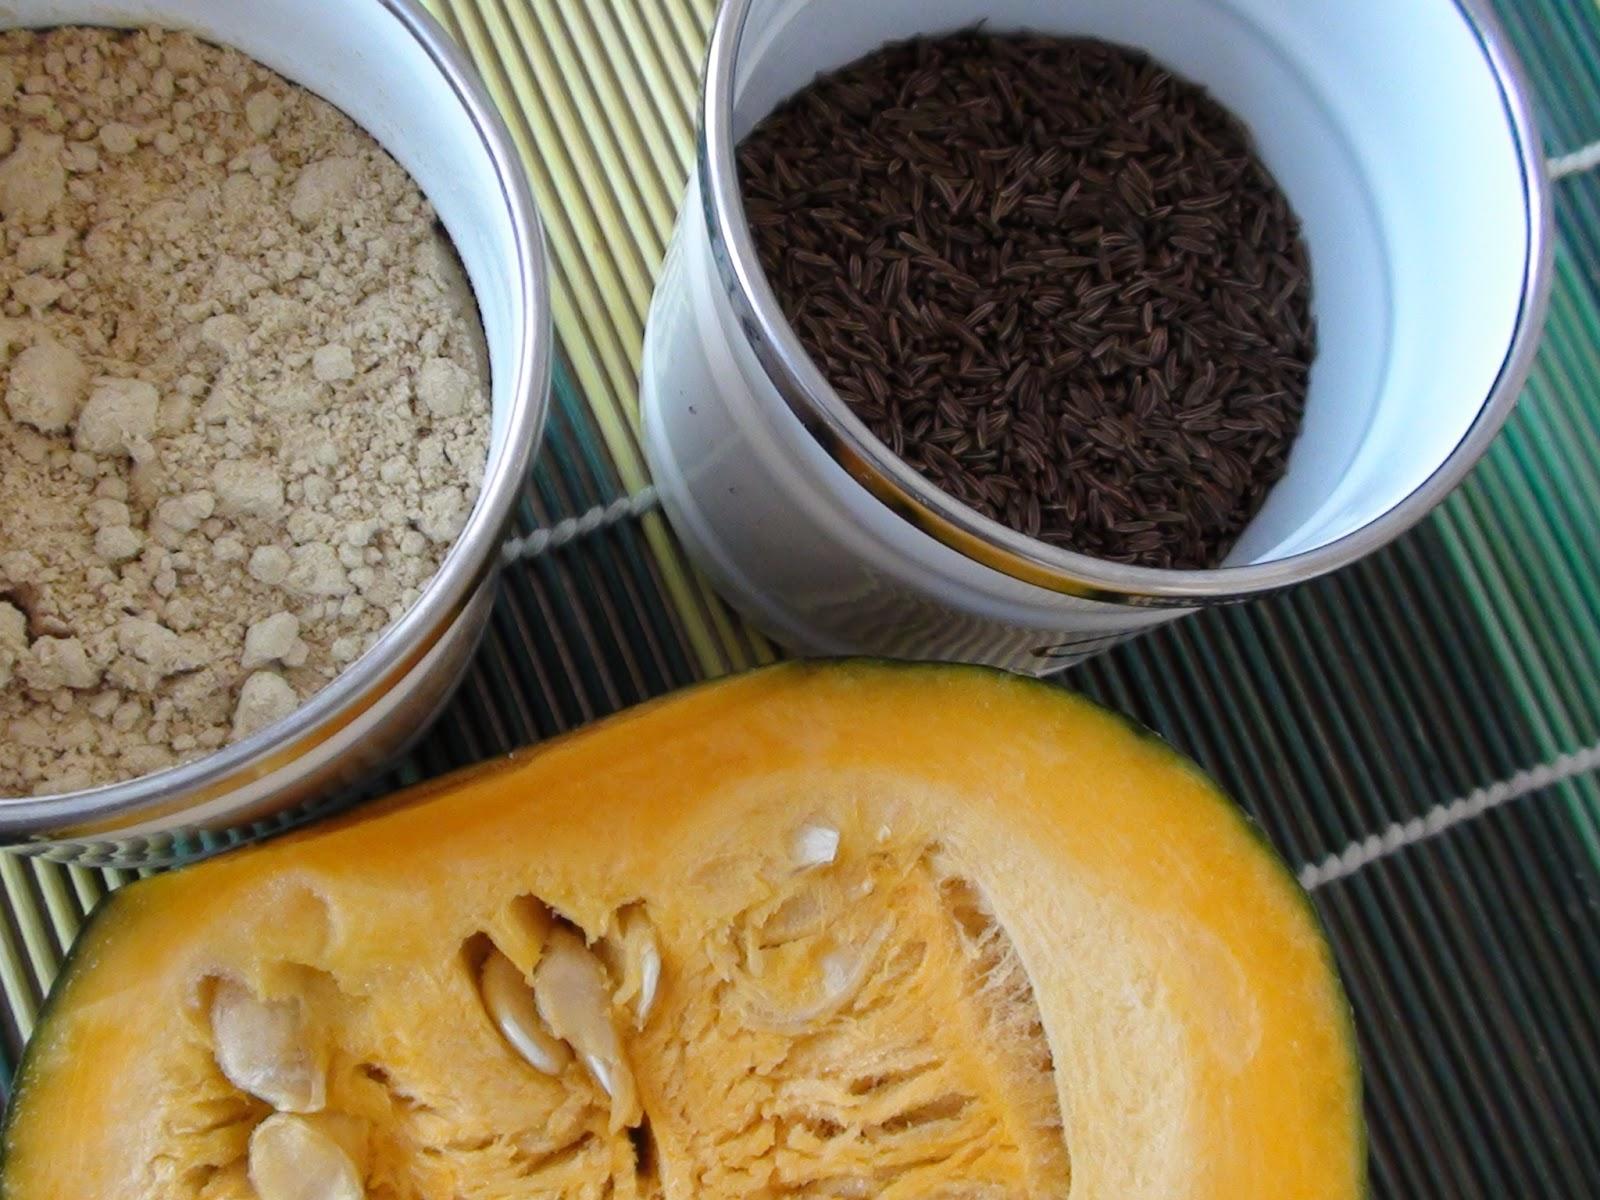 Ricetta Zucca Orientale.Ricette Semplici Veloci Risotto Alla Zucca Orientale